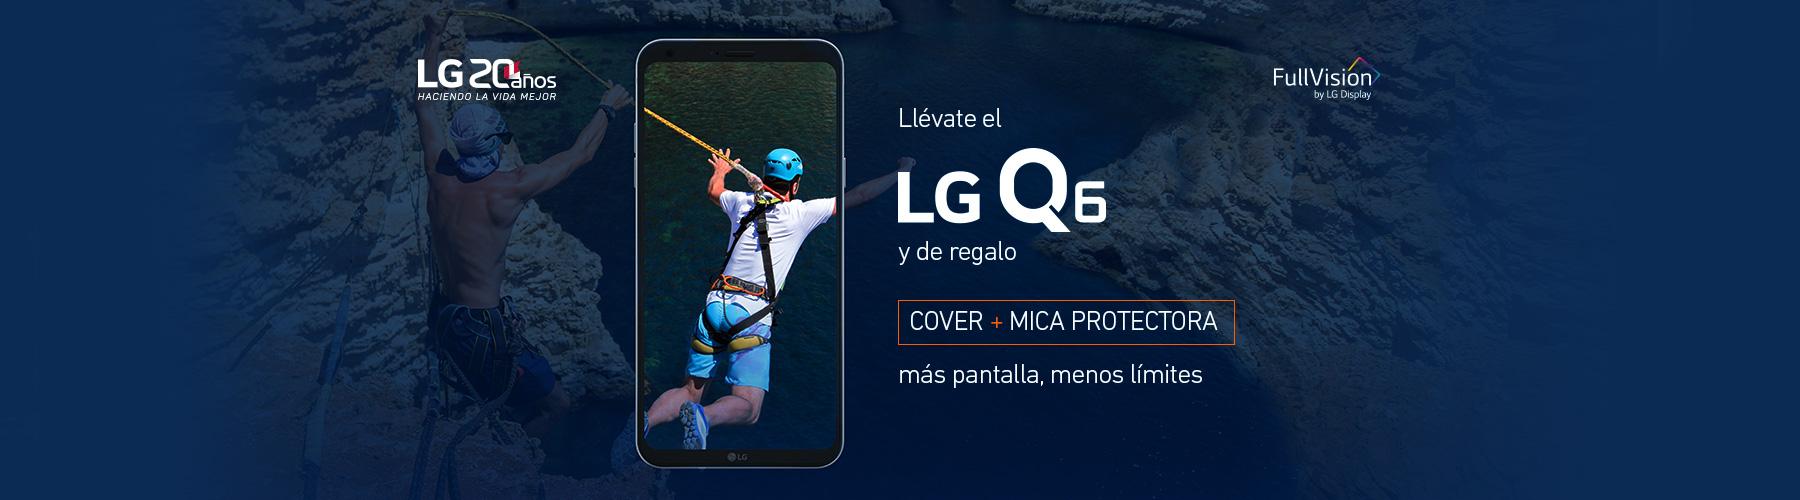 LG Q6 Oferta